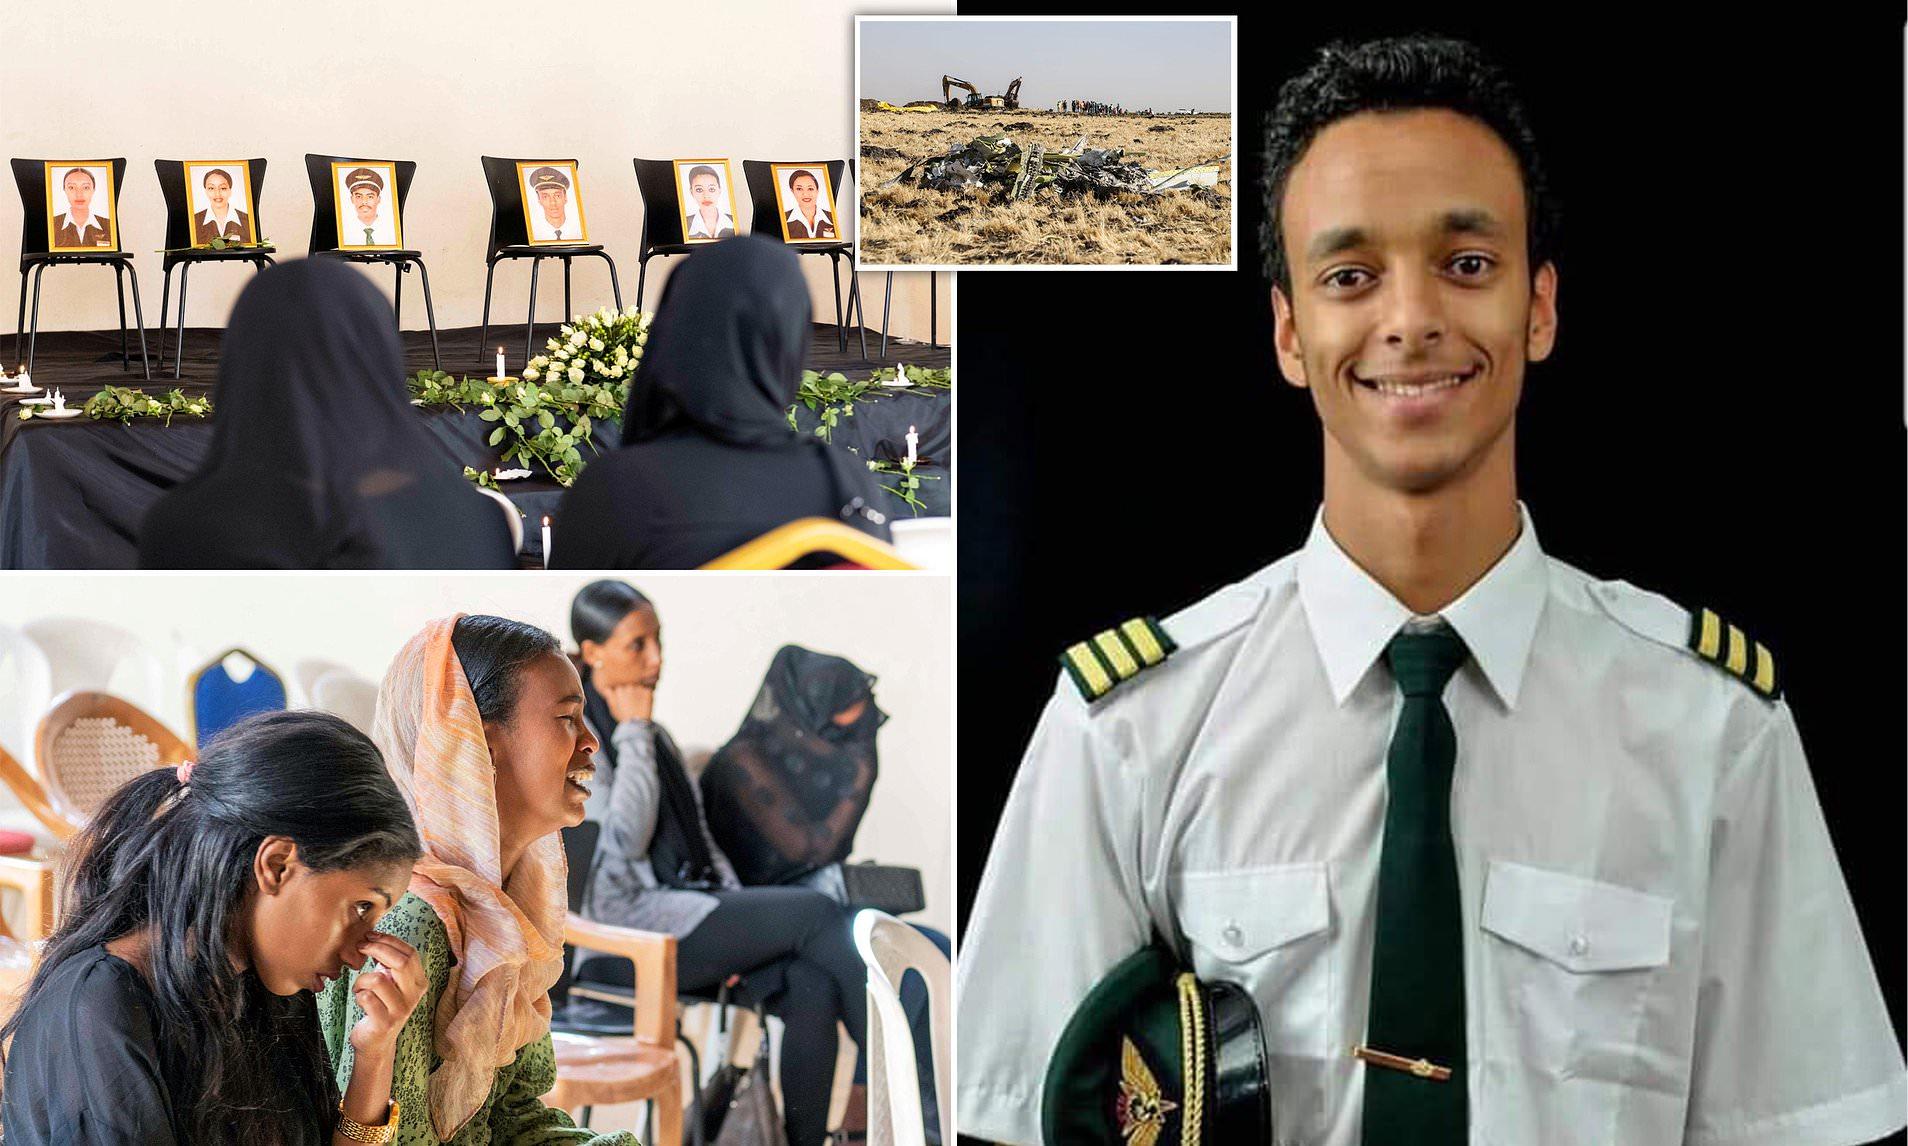 Homenaje al piloto más joven Ethiopian Airlines, muerto accidente el domingo